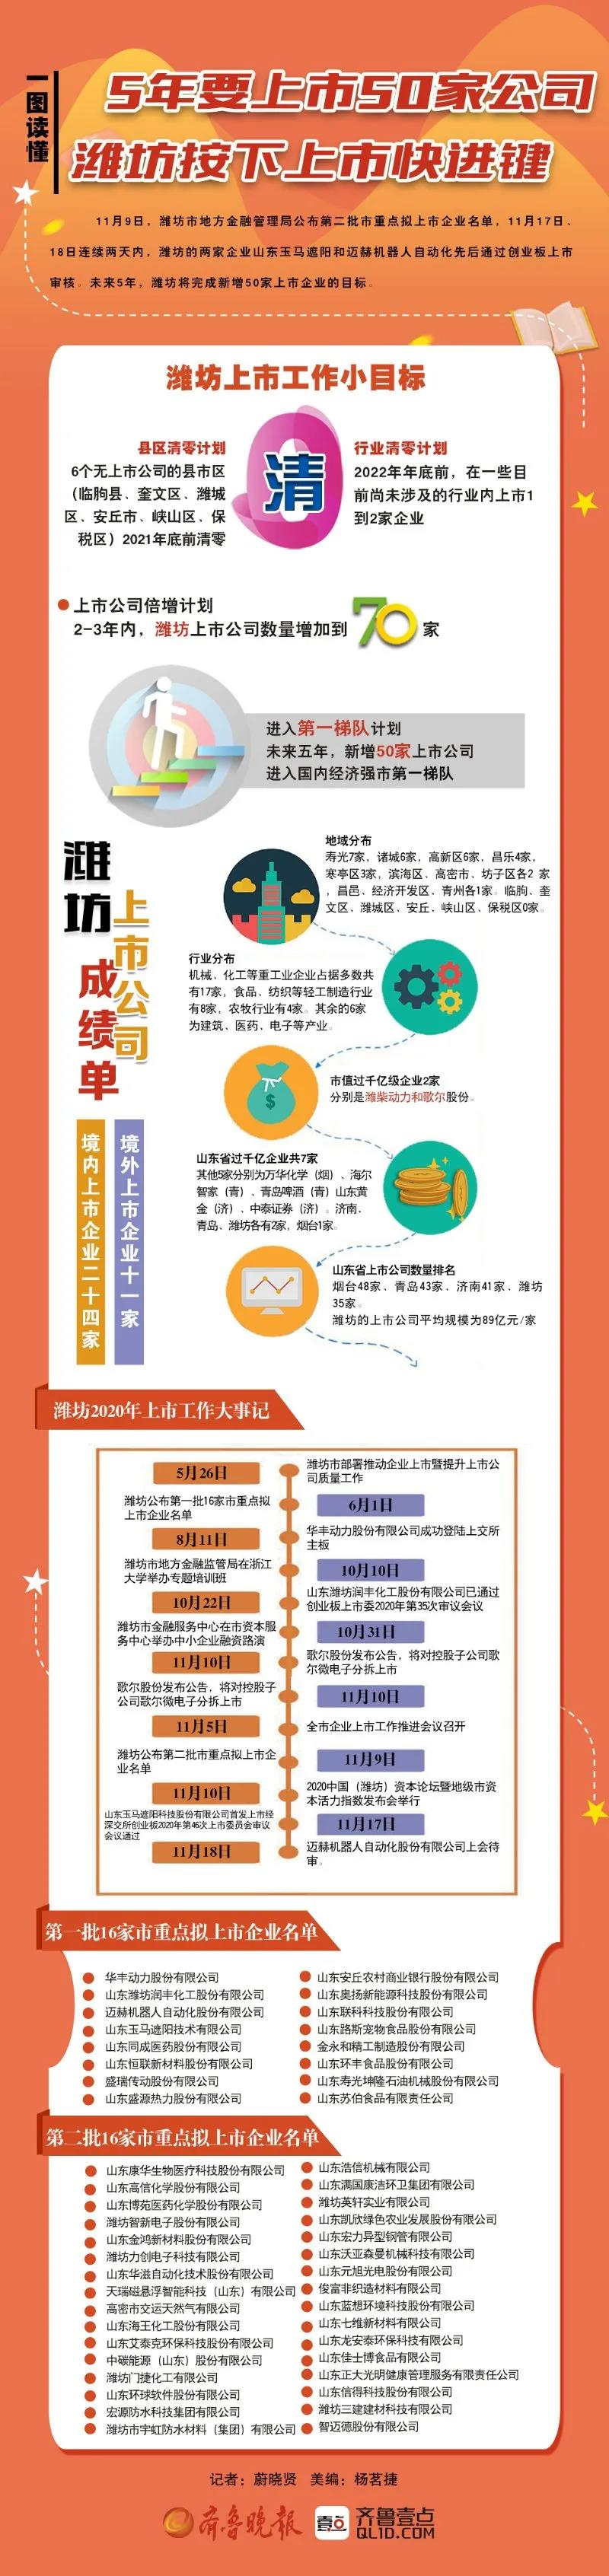 5年要上市50家公司,潍坊的底气从何而来?